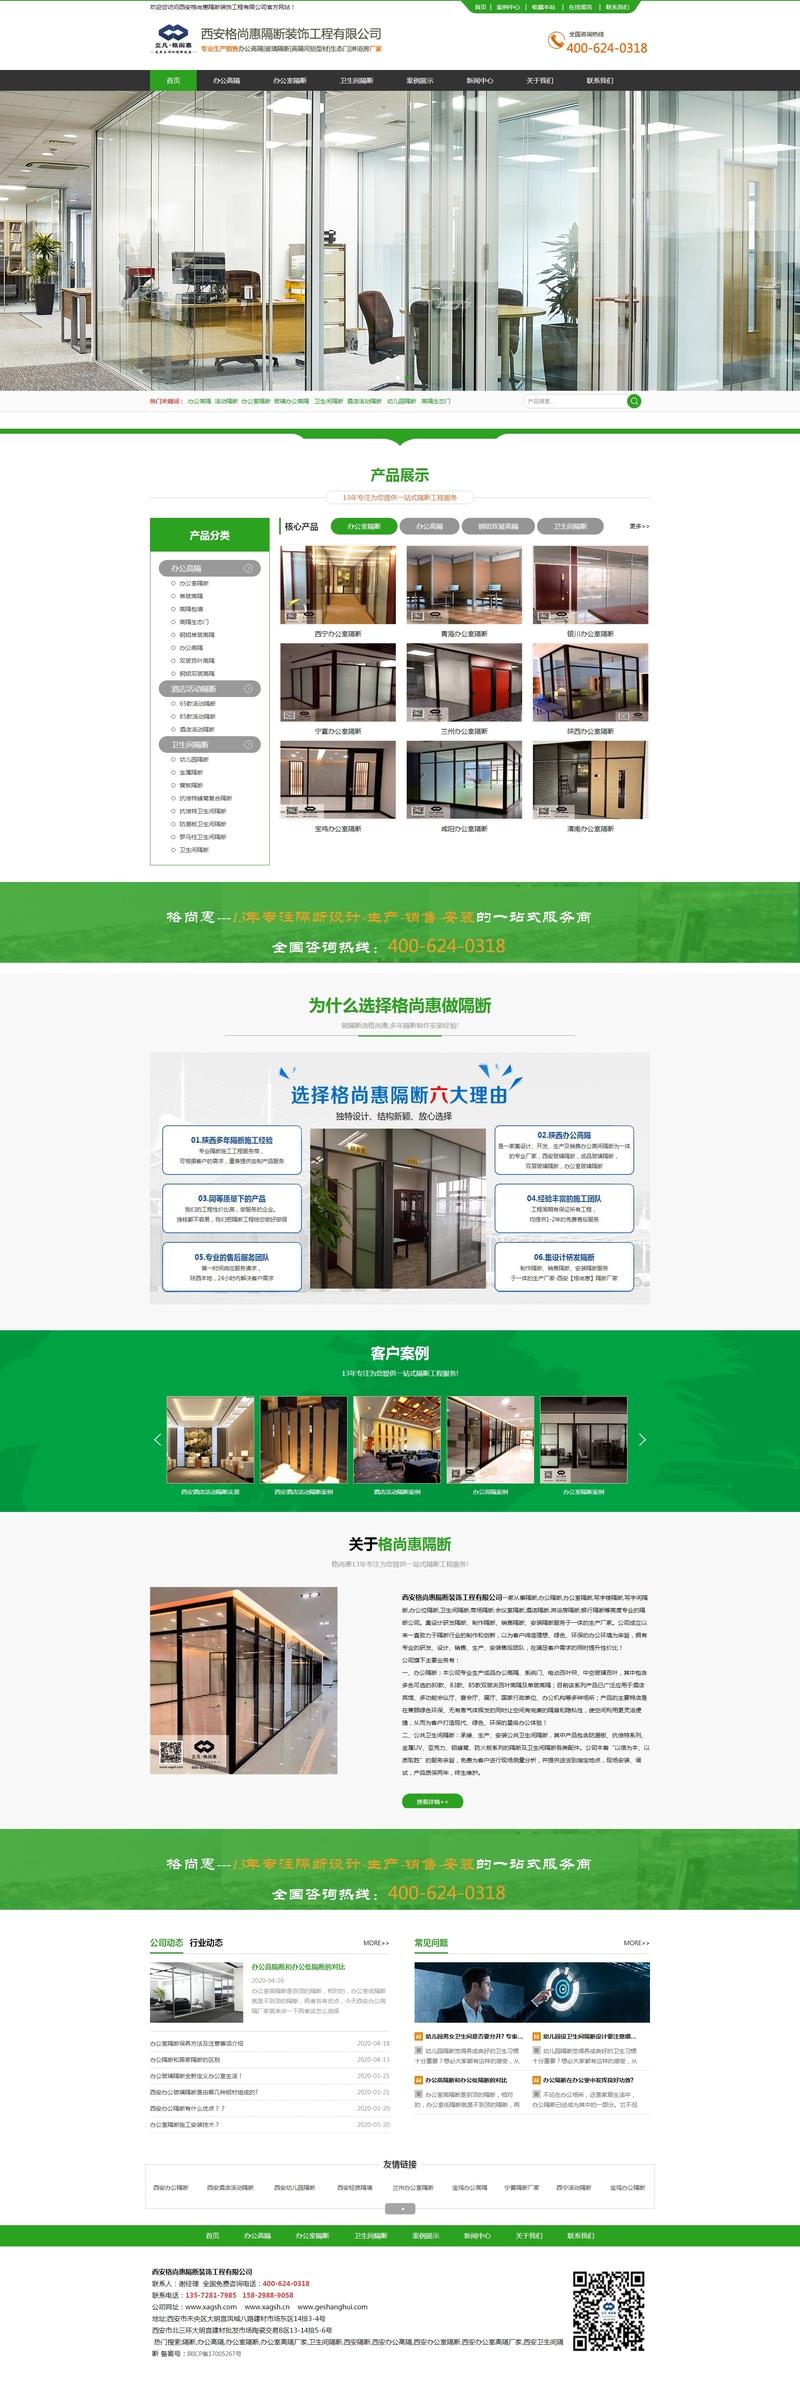 辦公室隔斷_辦公室玻璃隔西安廠家加入銘贊獨立站營銷推廣